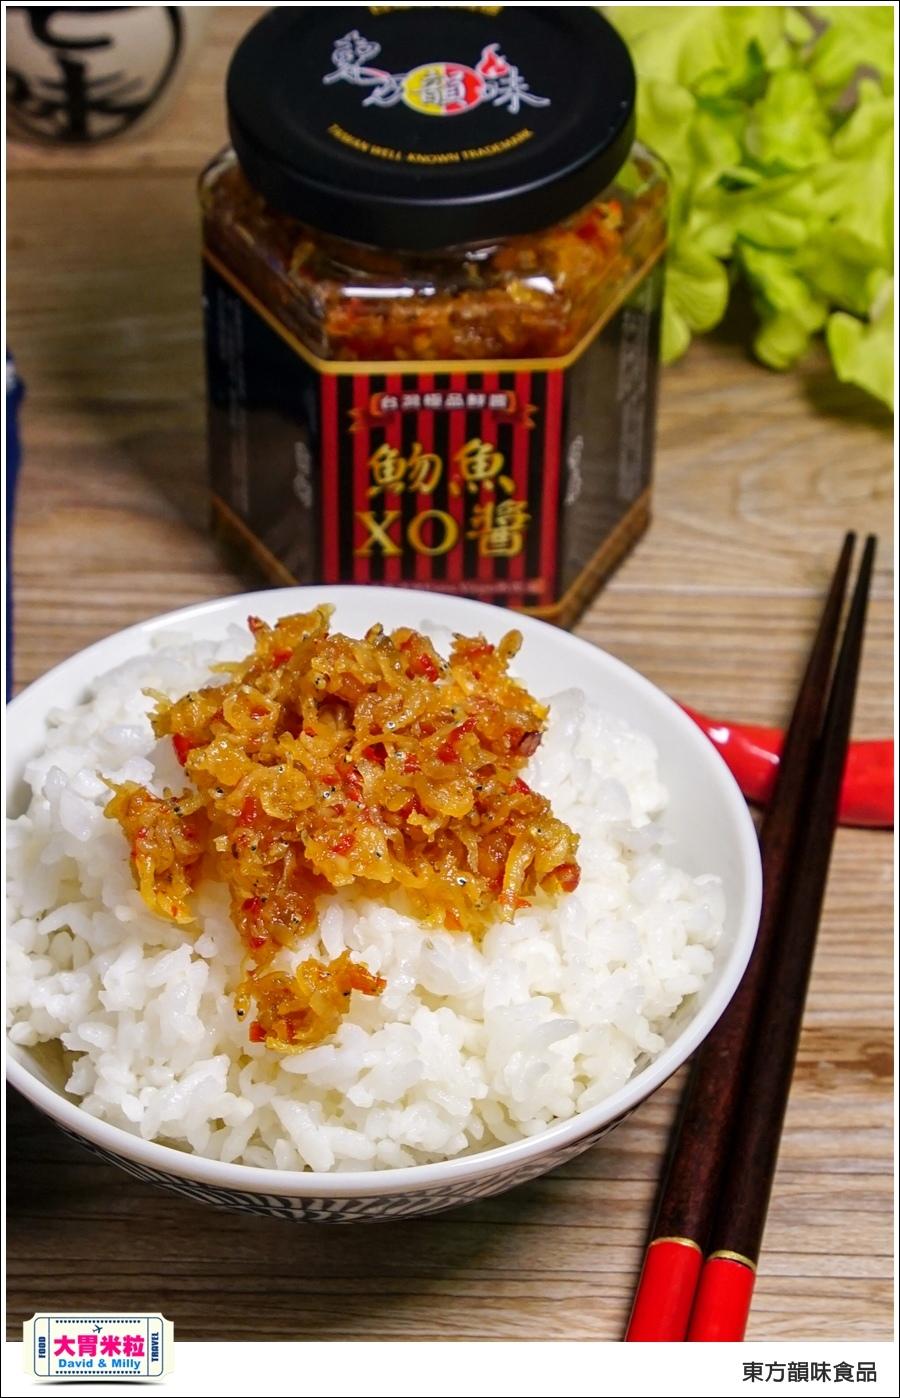 宅配黃金泡菜XO醬推薦 @東方韻味黃金泡菜+XO醬@大胃米粒 0009.jpg